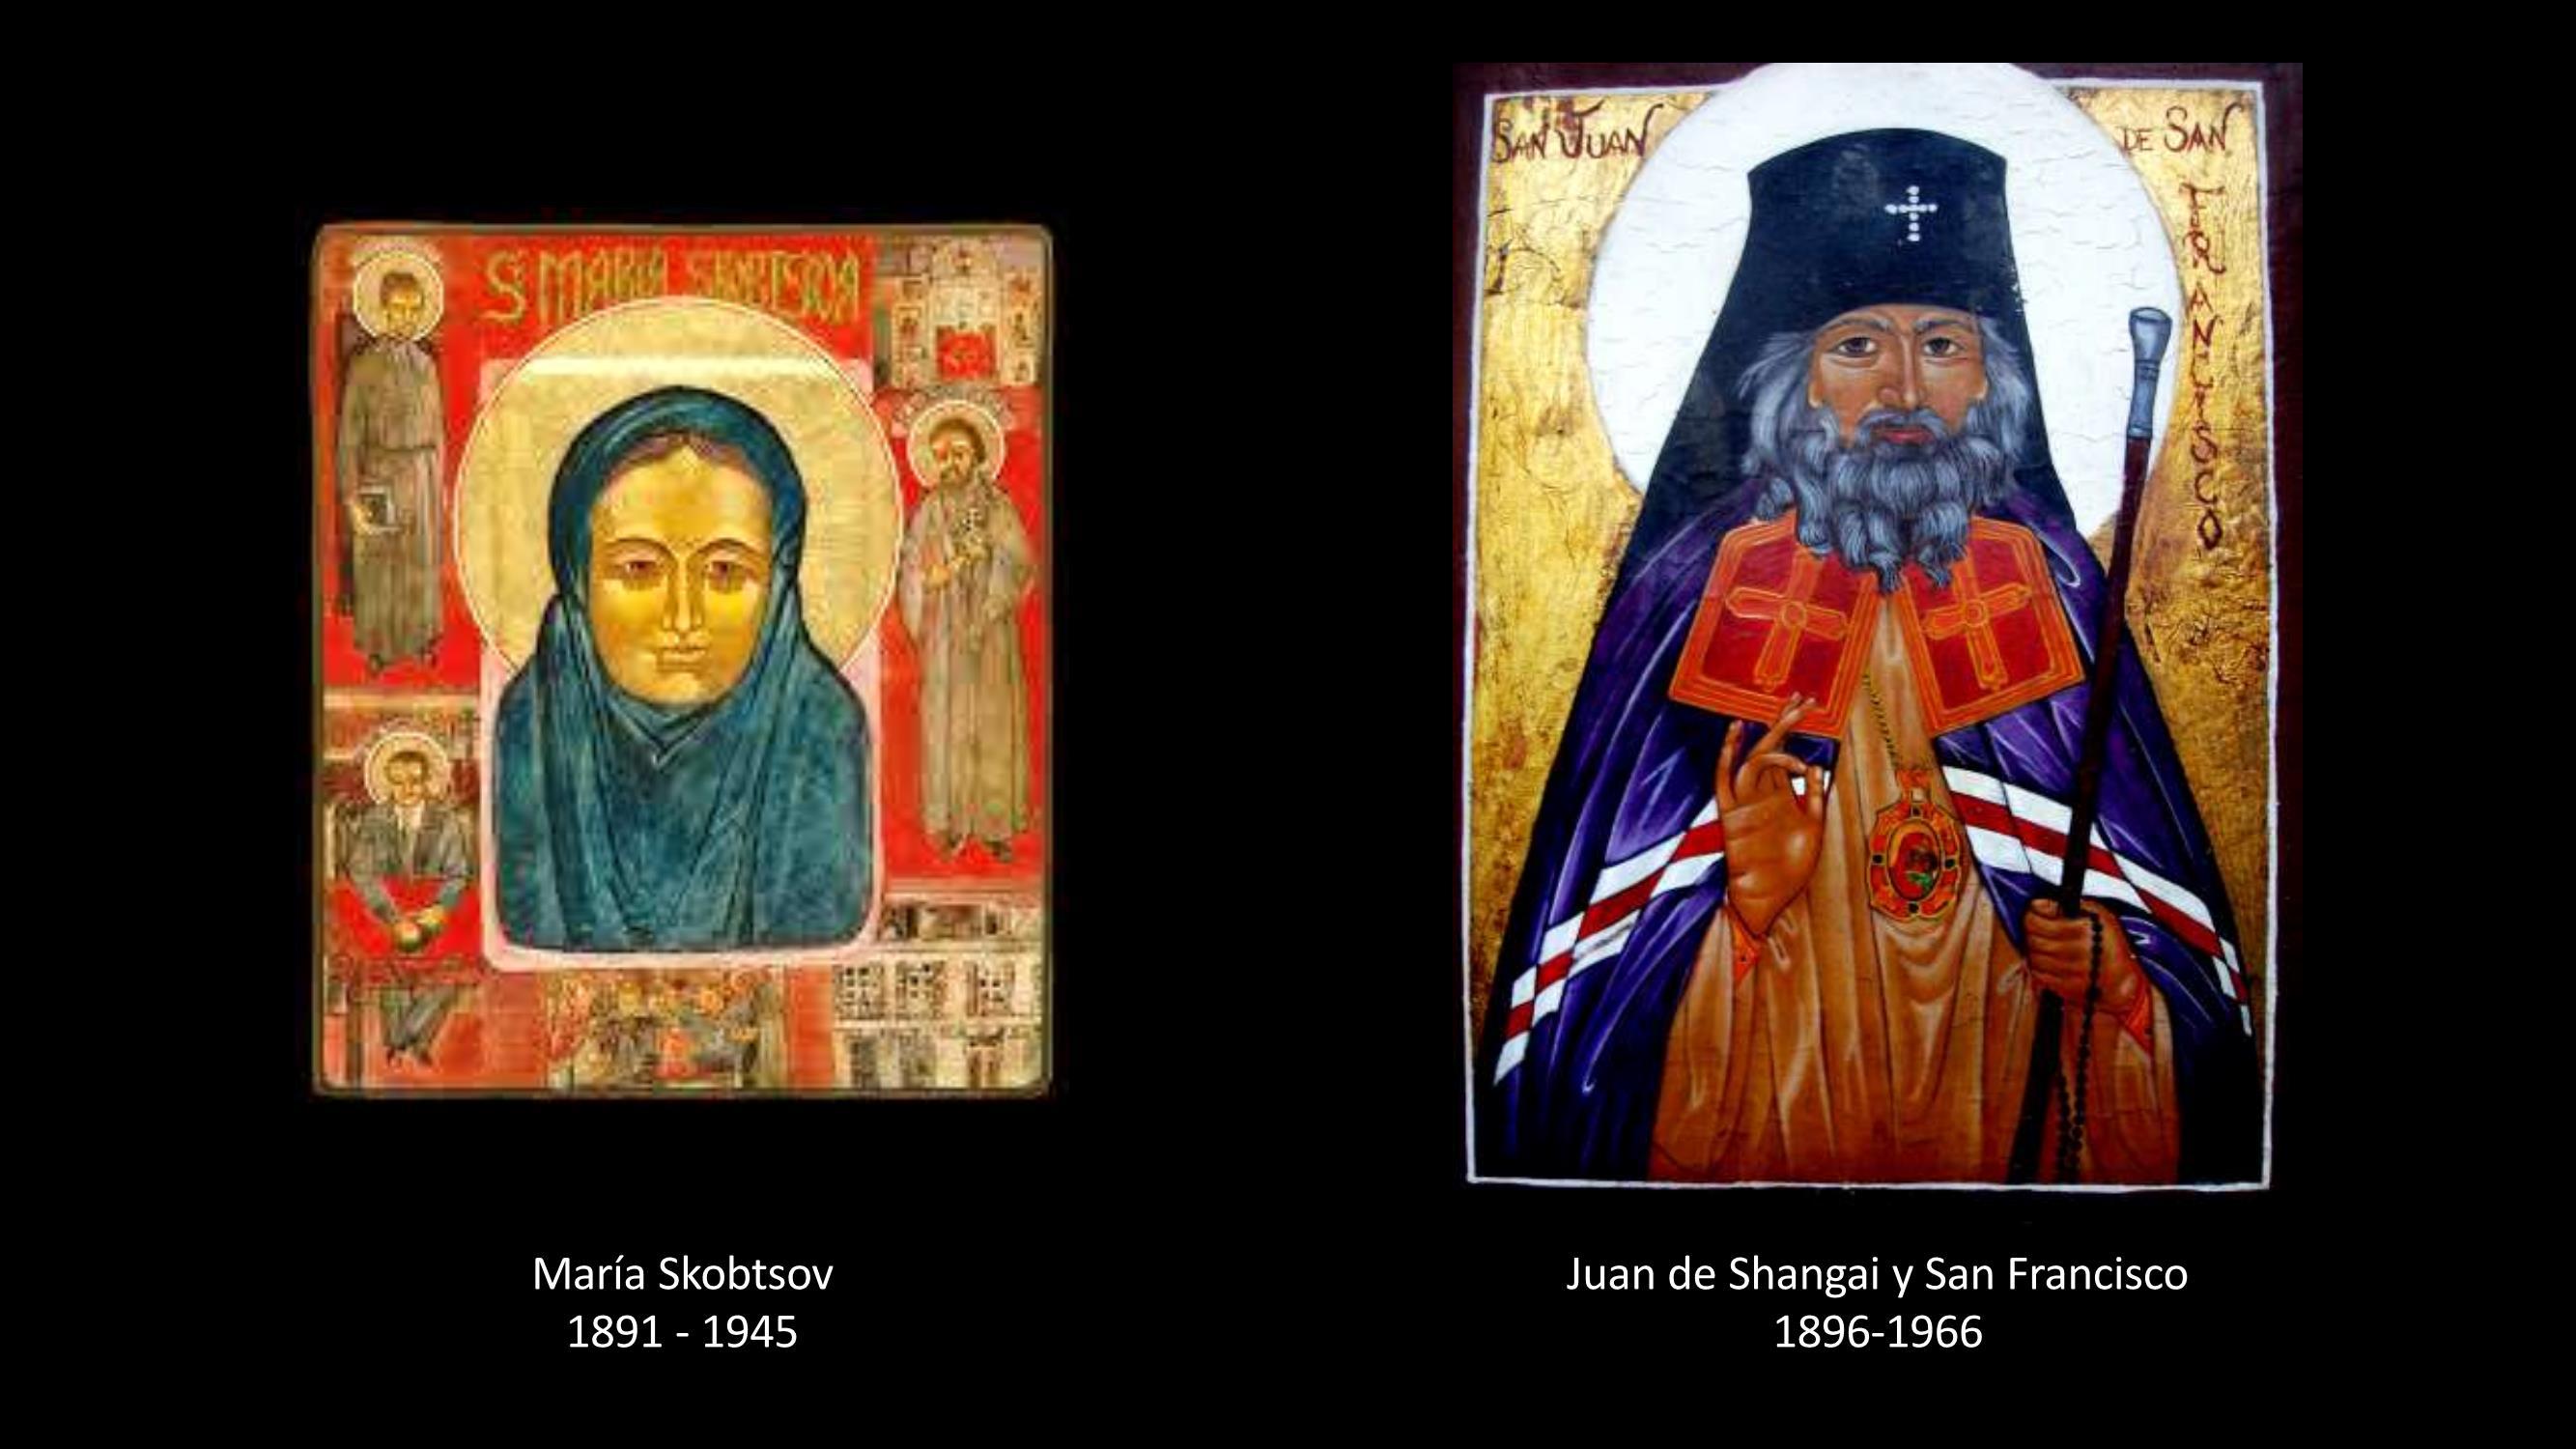 [3] Maria Skobtsov y Juan de Shangai y San Francisco